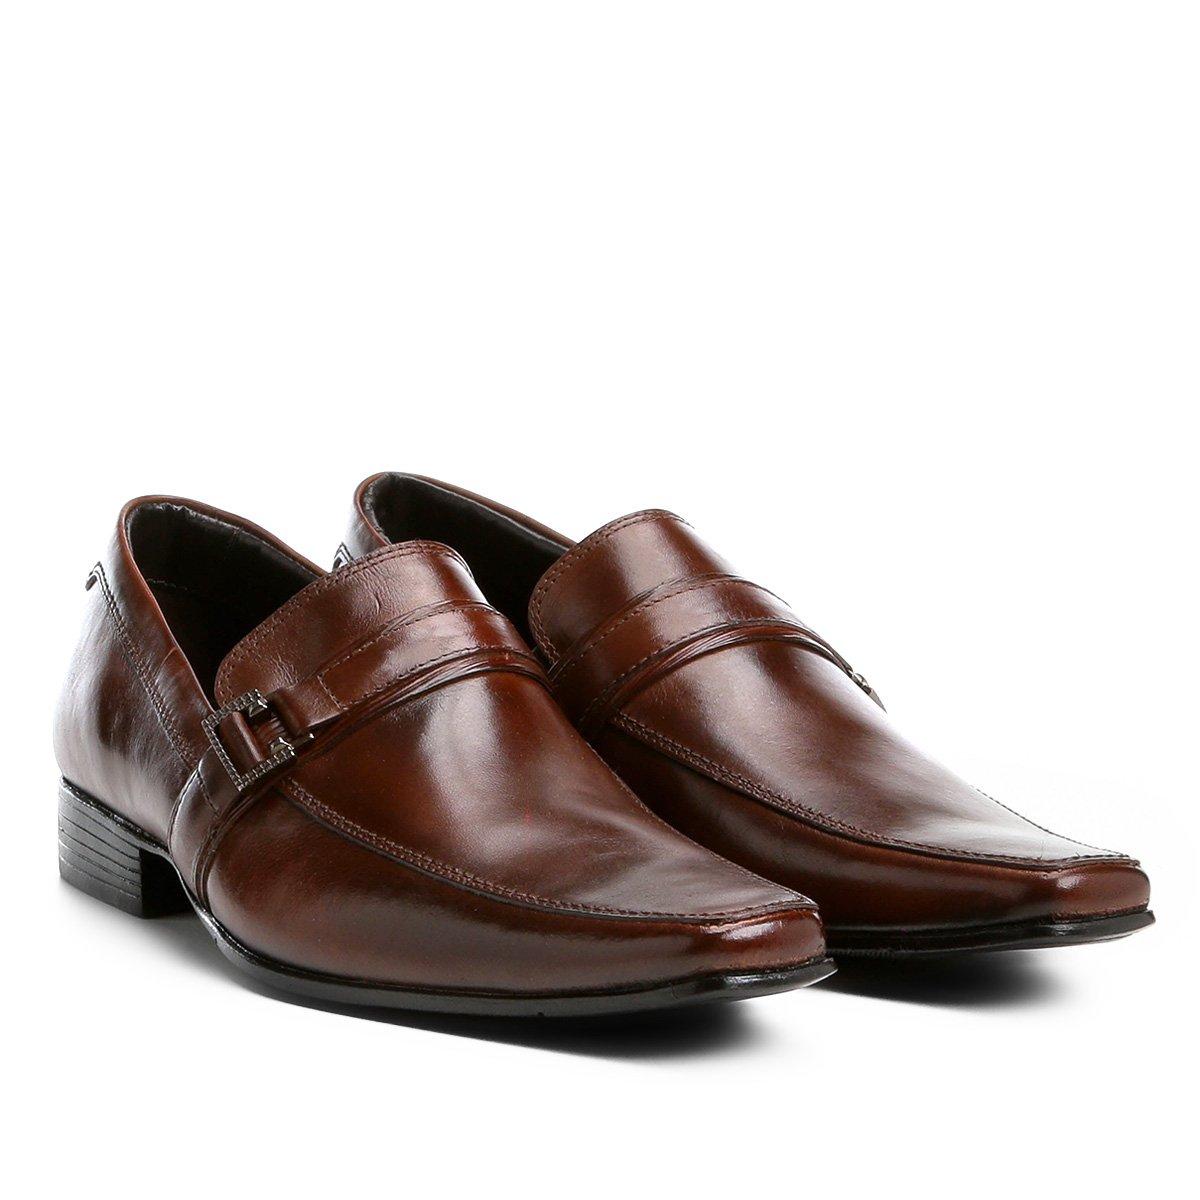 ccda73f06 Sapato Social Couro Shoestock Fivela Masculino - Marrom | Shoestock